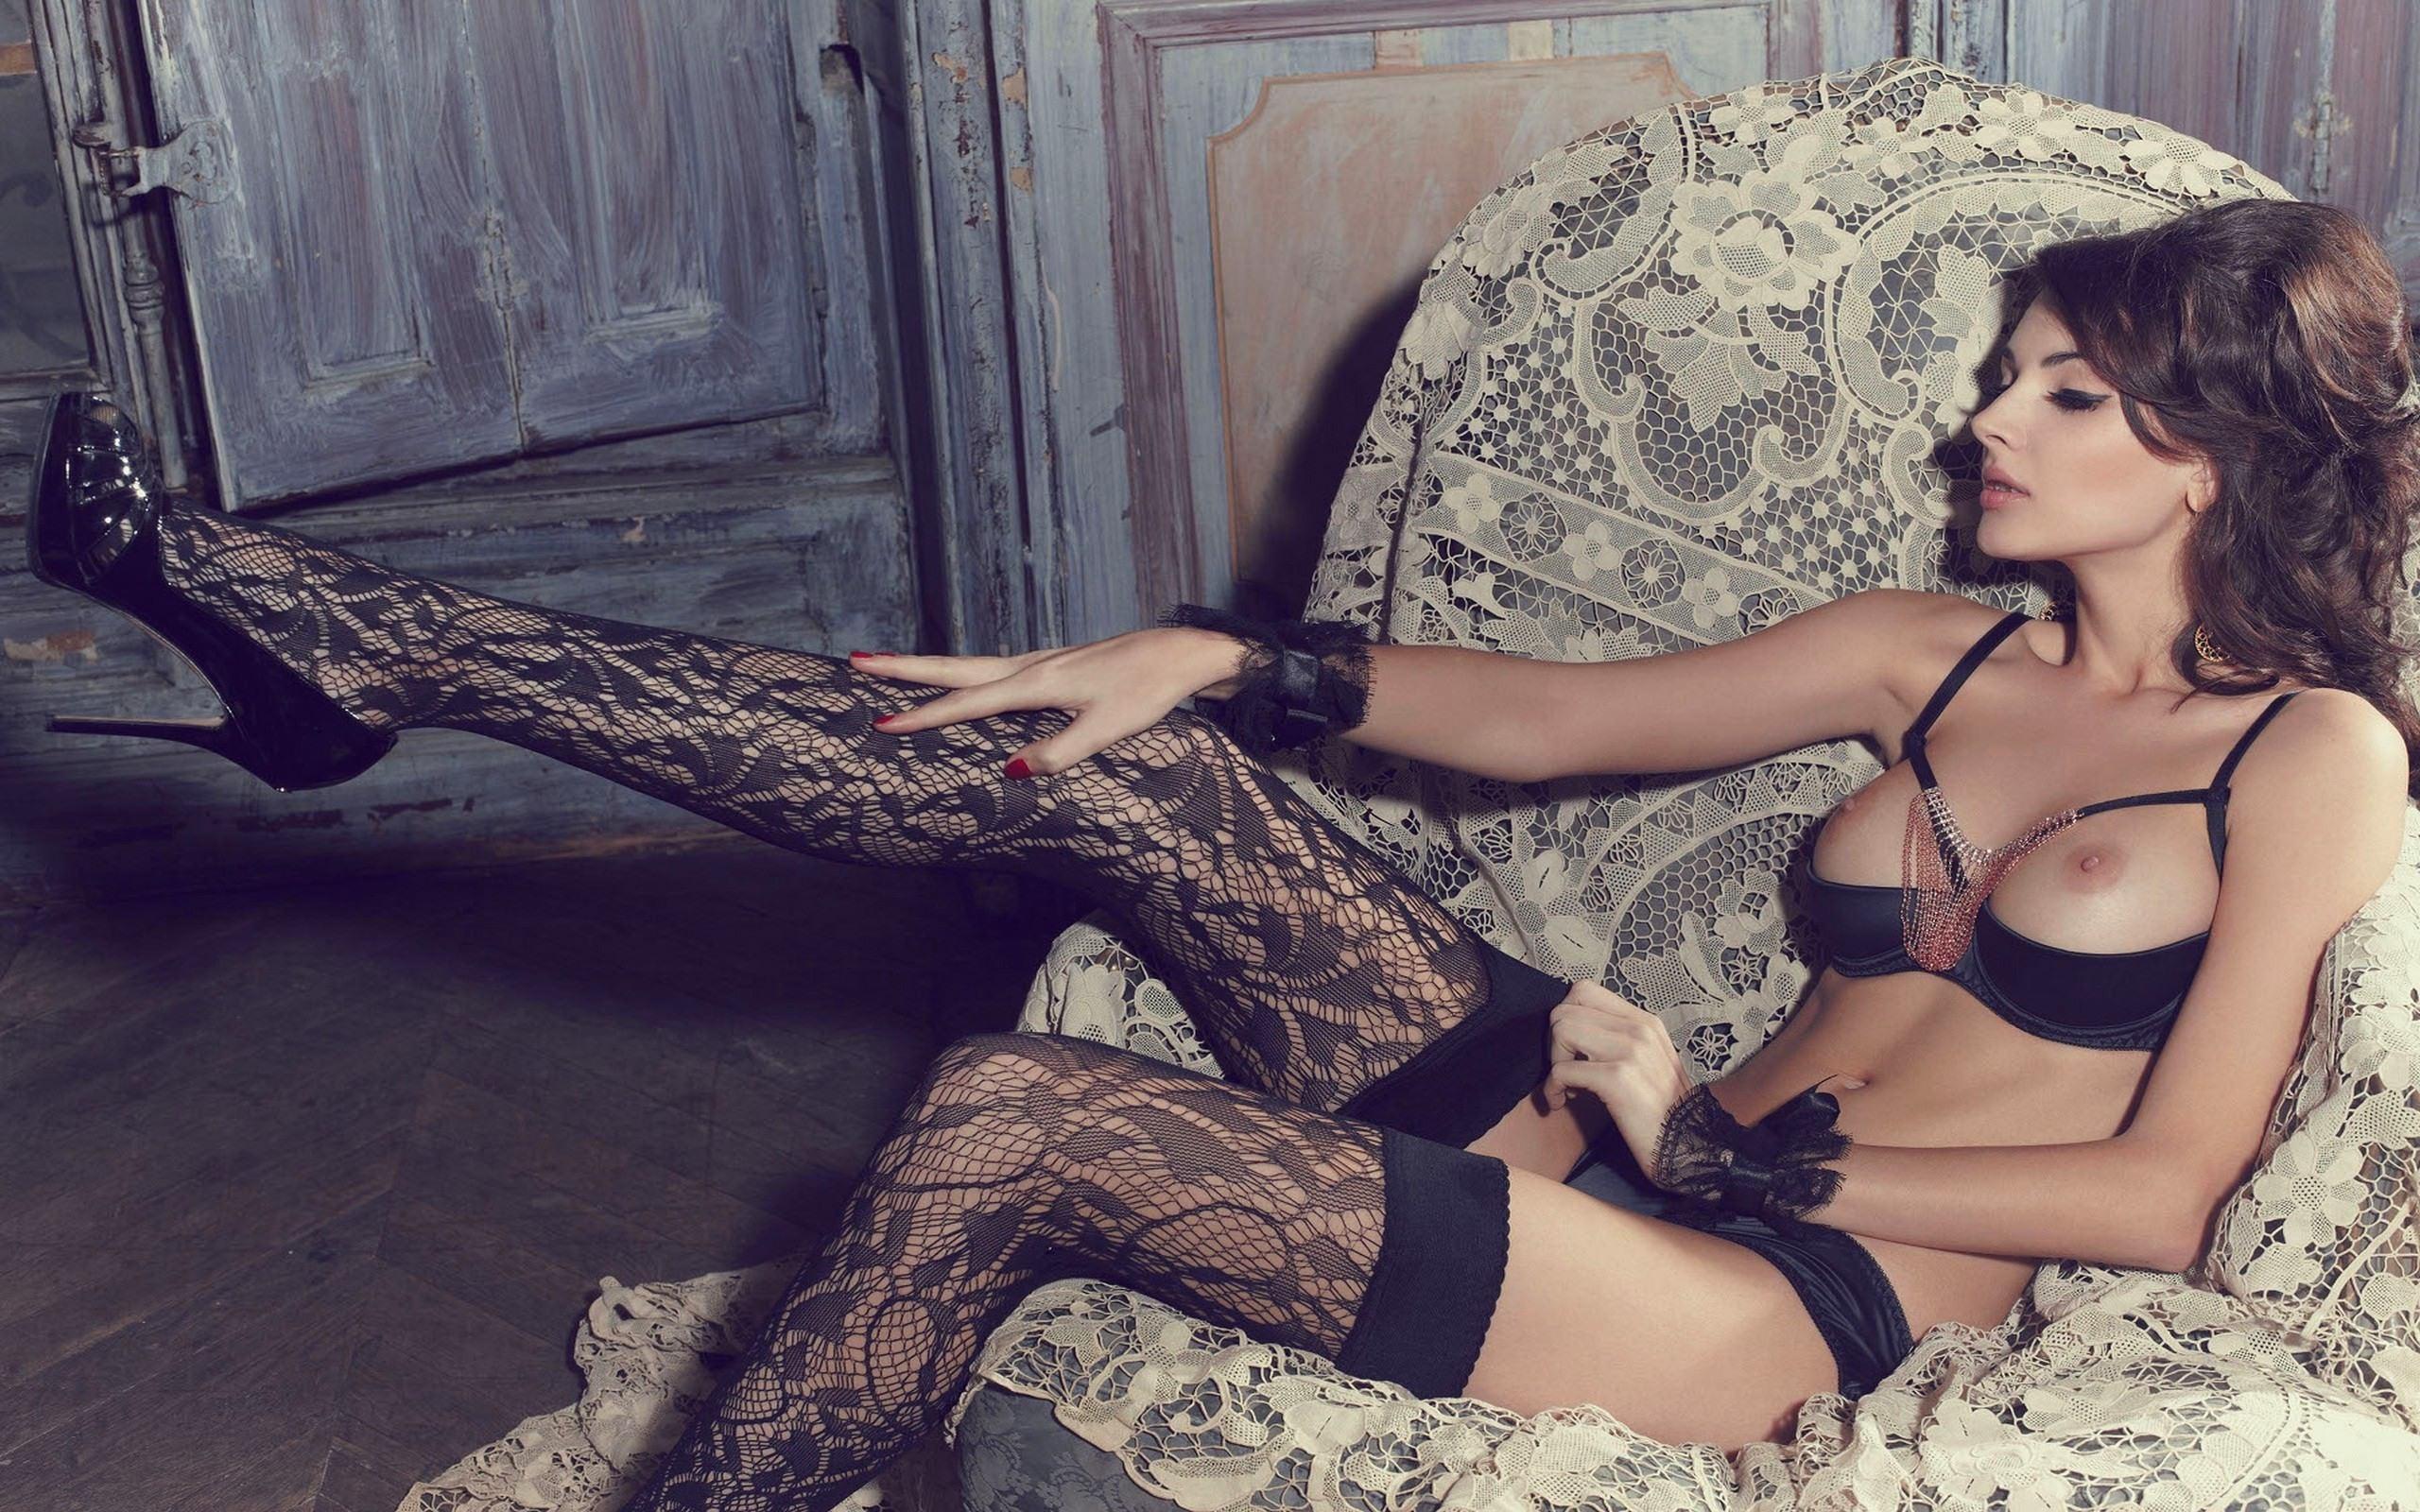 Фото Сексапильная девушка в черных узорчатых чулках, вытянула сексуально ножку, сидя в кресле, лифчик, не скрывающий сиськи, гладит колено, брюнетка в эротическом белье, скачать картинку бесплатно